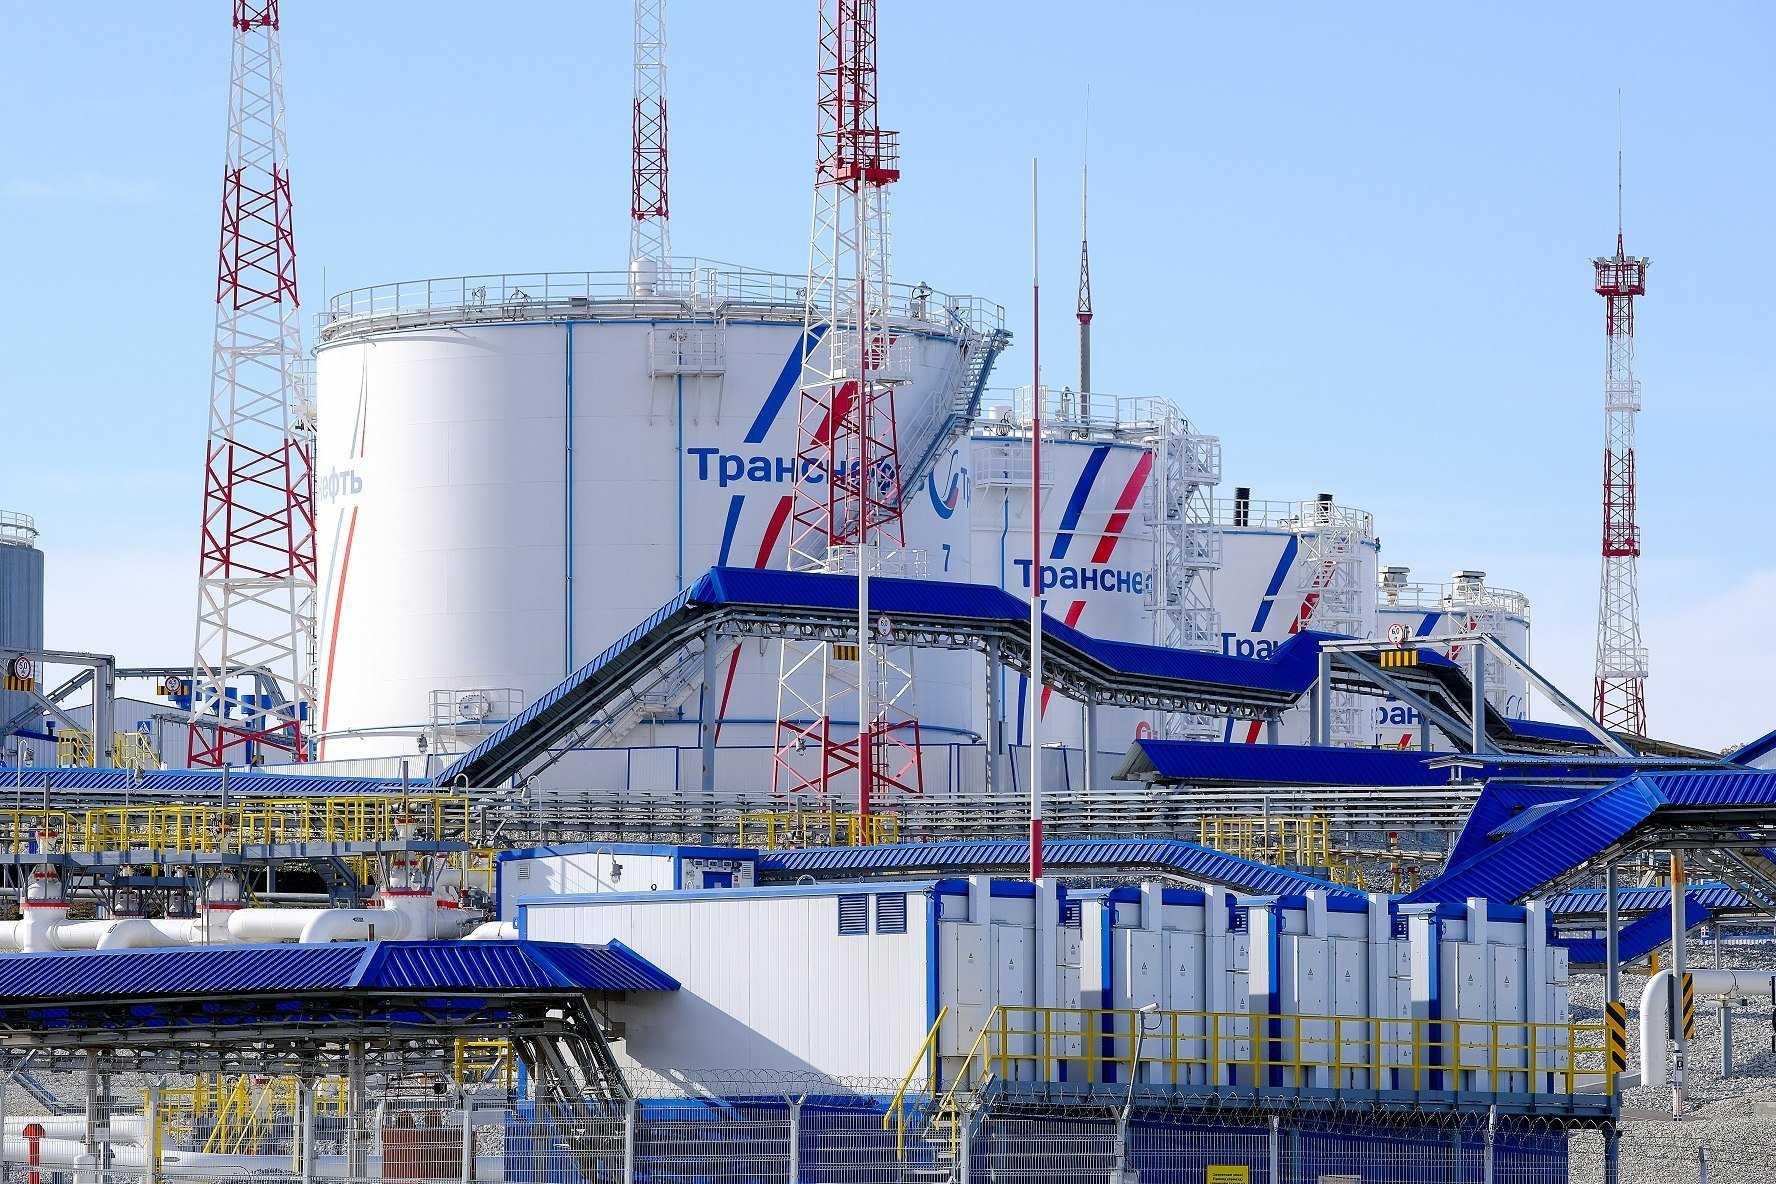 АО «Черномортранснефть»: безопасность, развитие, благотворительность